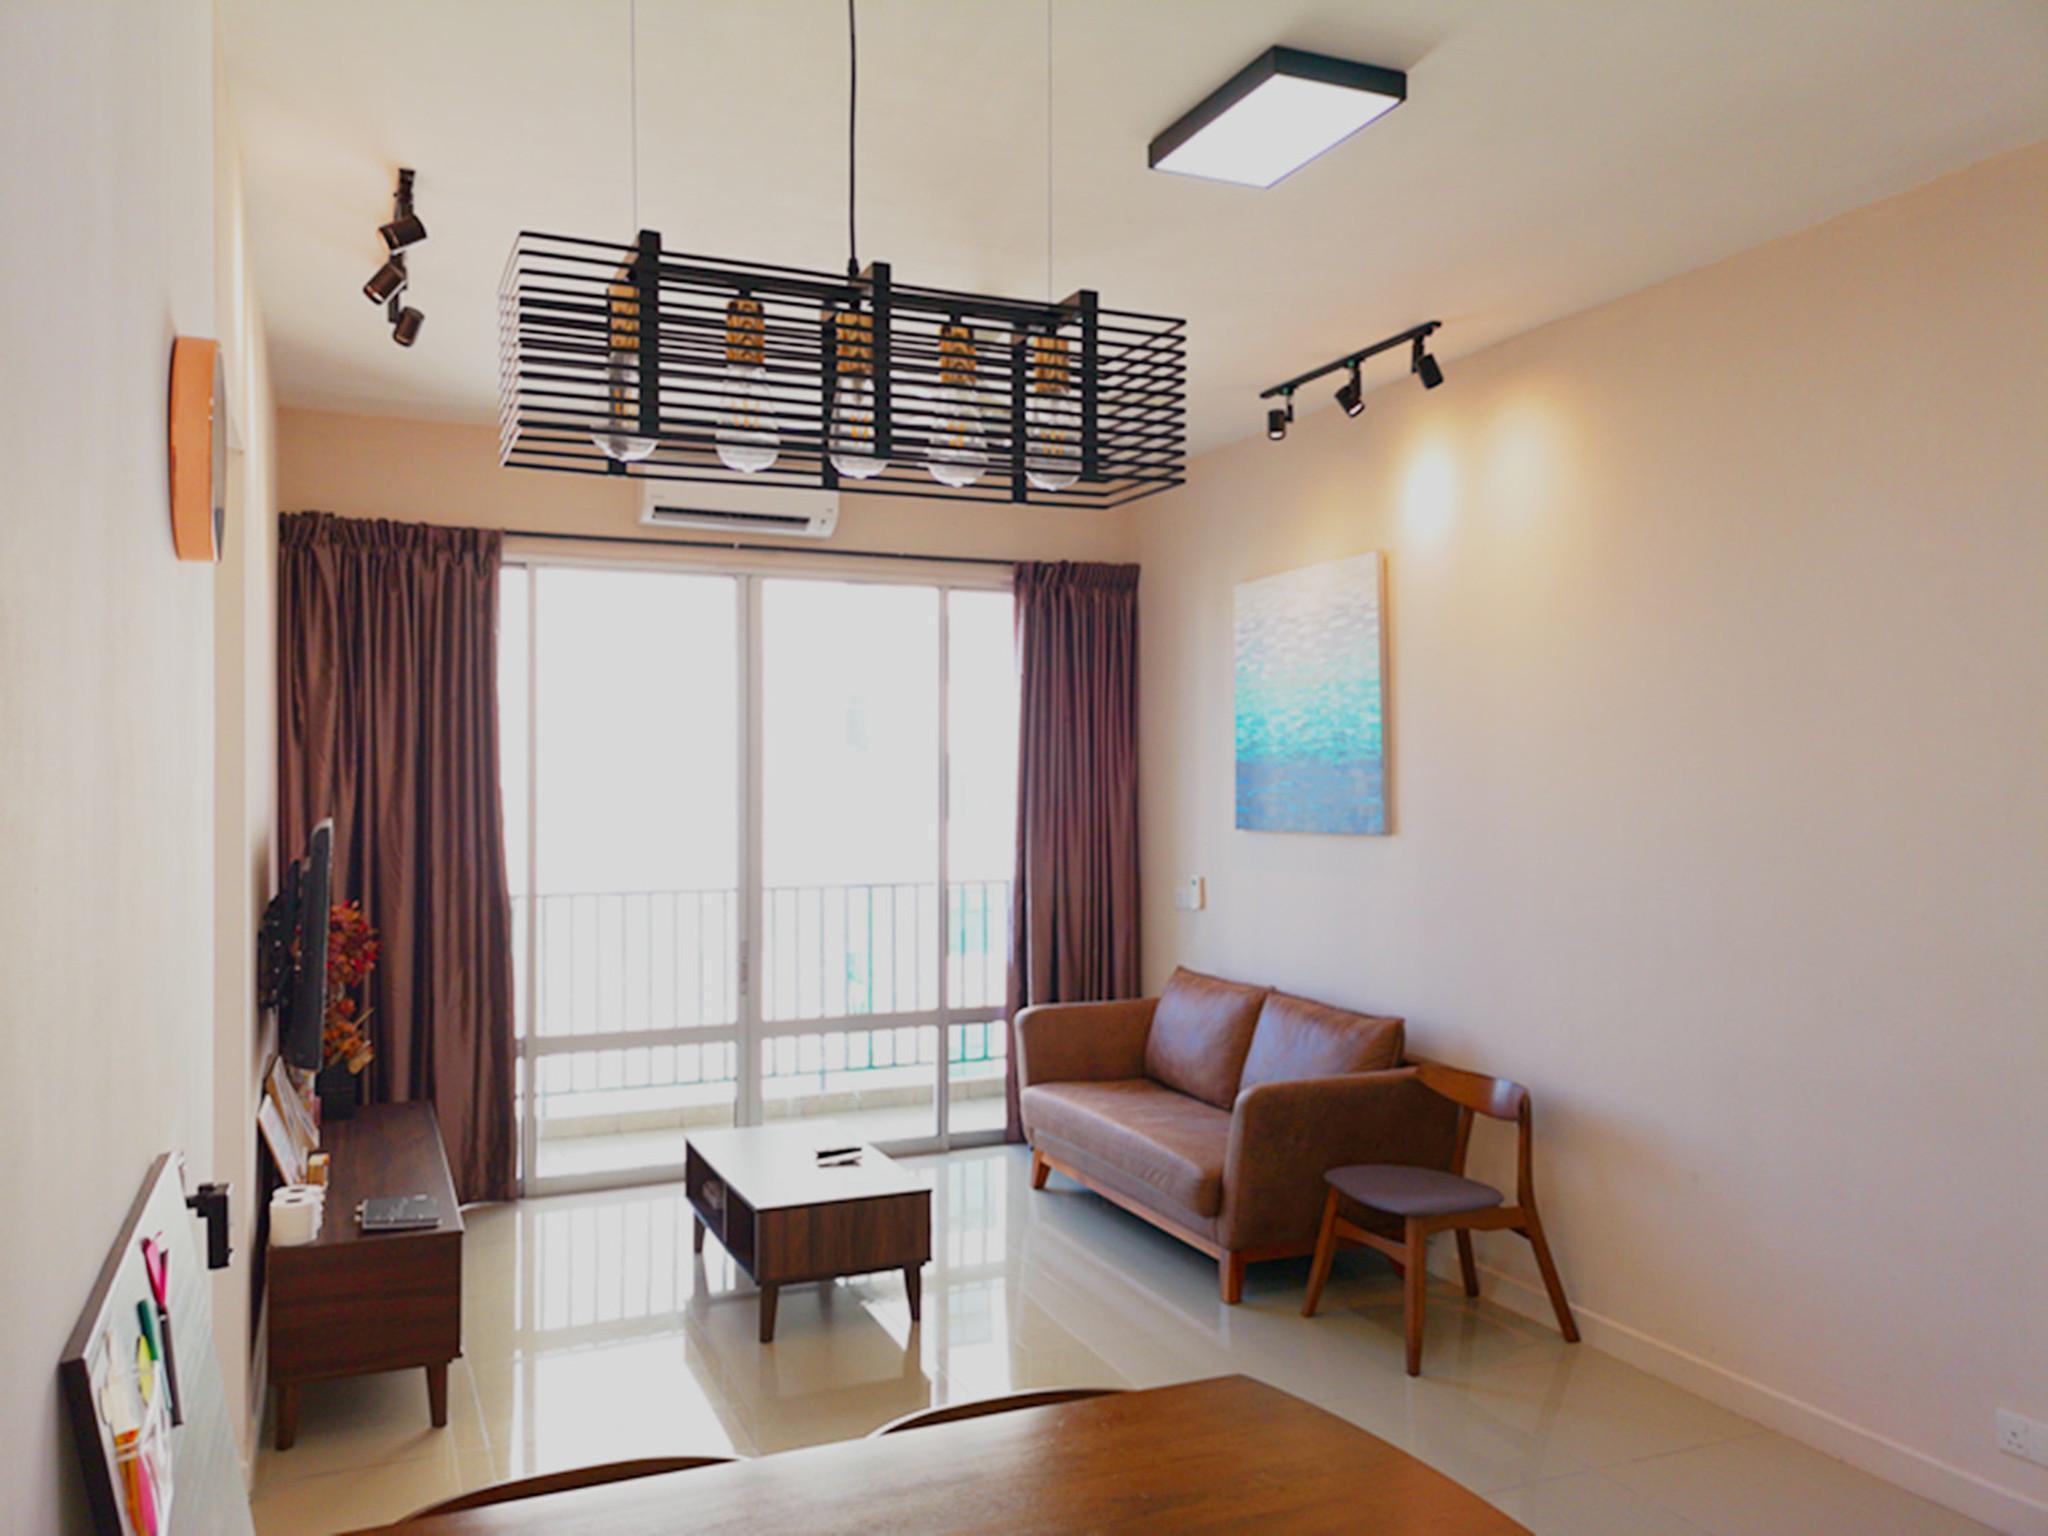 TWINS HOUSE 3R2B Paradigm Sutera Utm Free Wifi